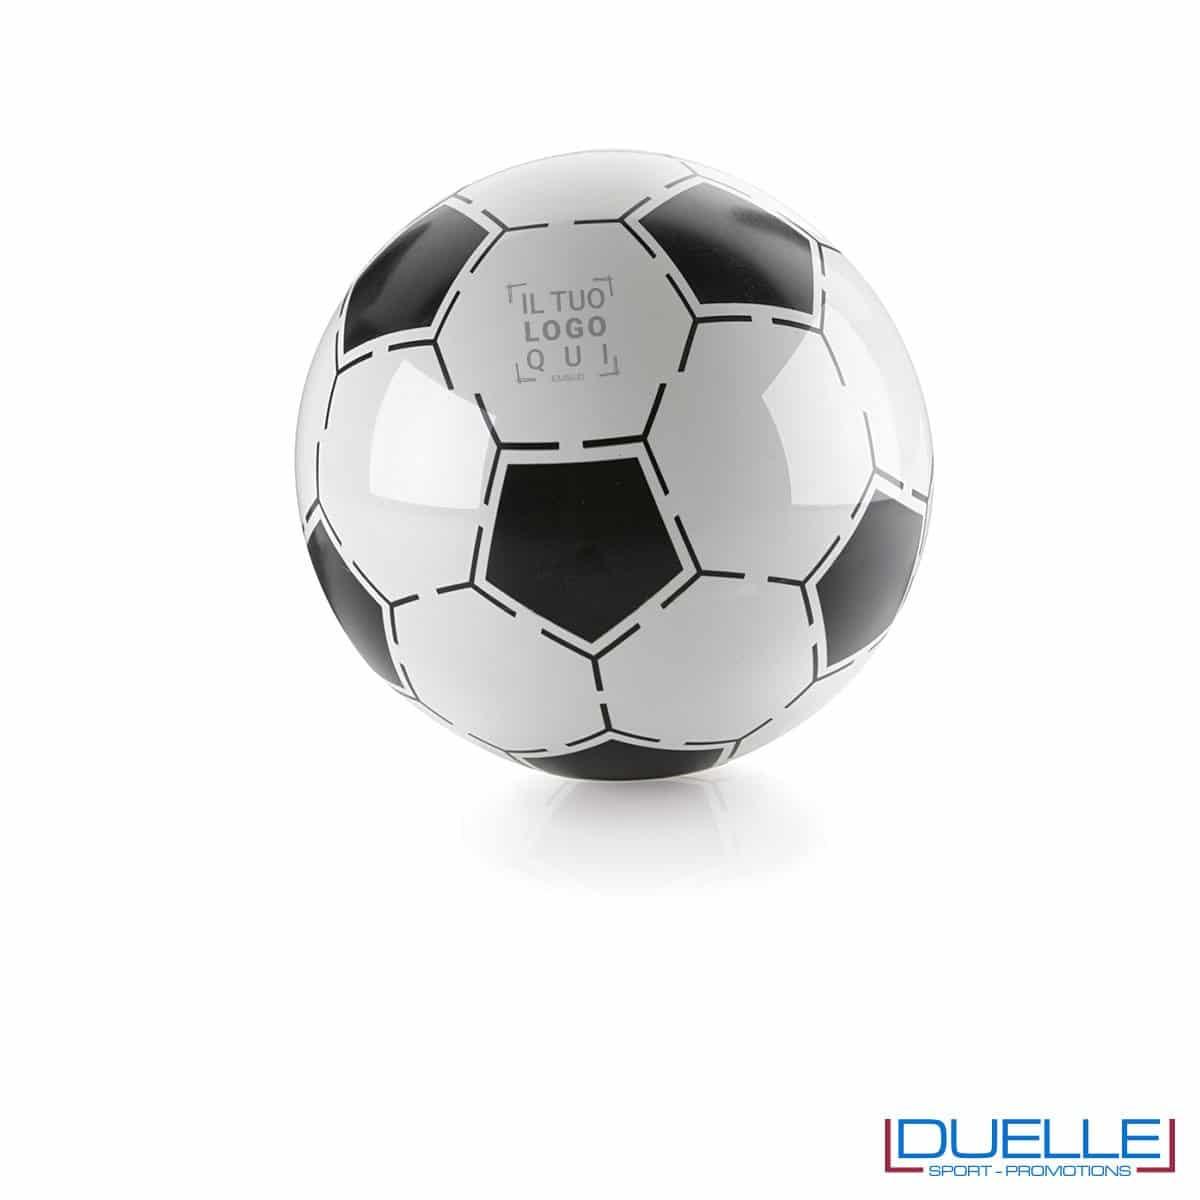 pallone personalizzato calcio nero-bianco, gadget da spiaggia, gadget promozionale estate